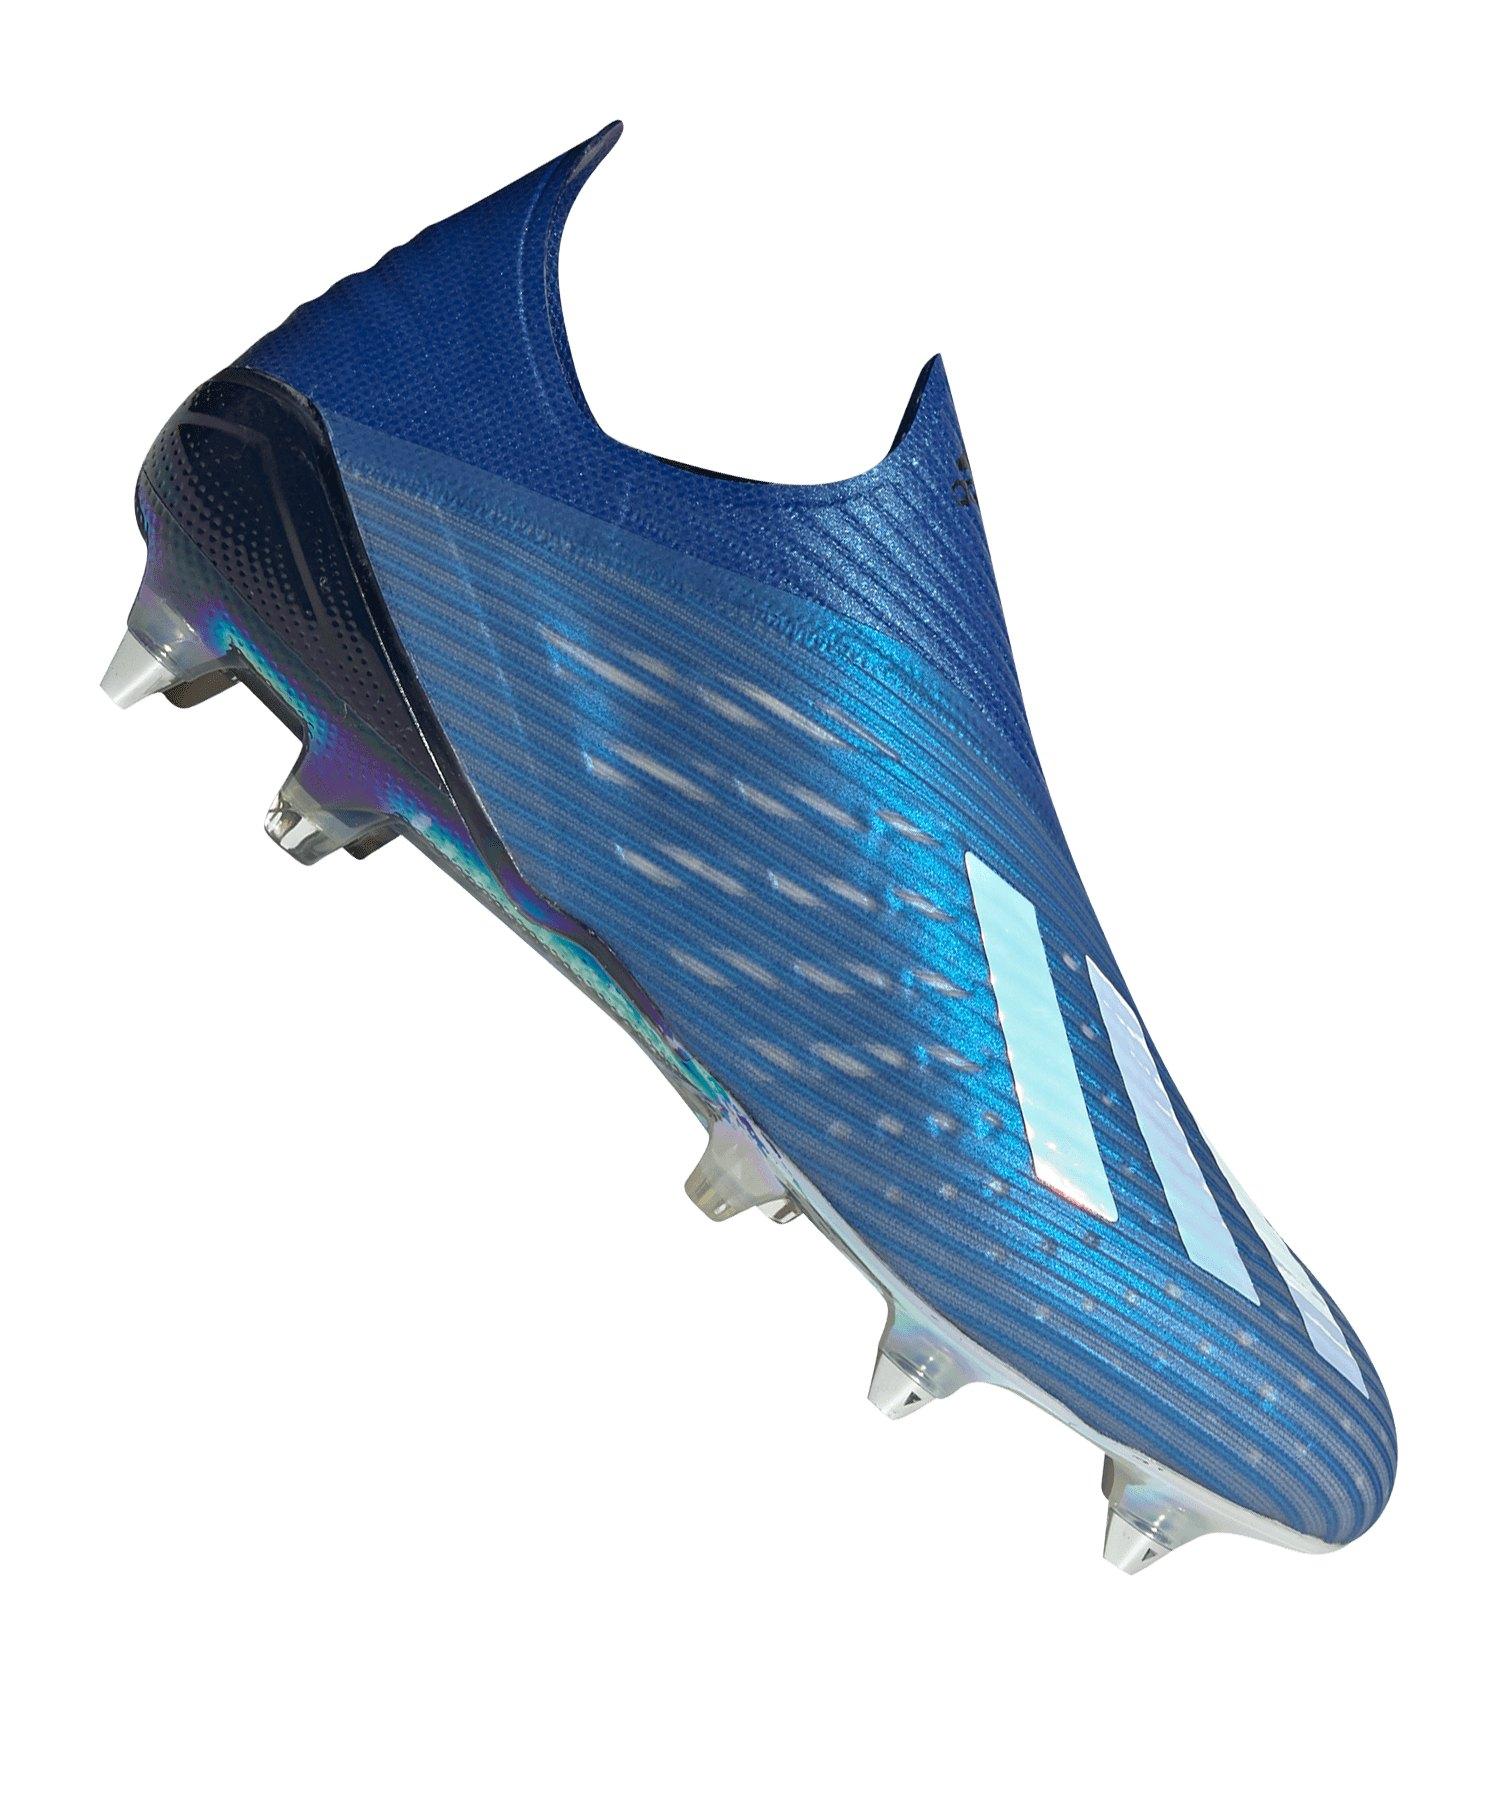 adidas X 19+ SG Blau Schwarz - blau